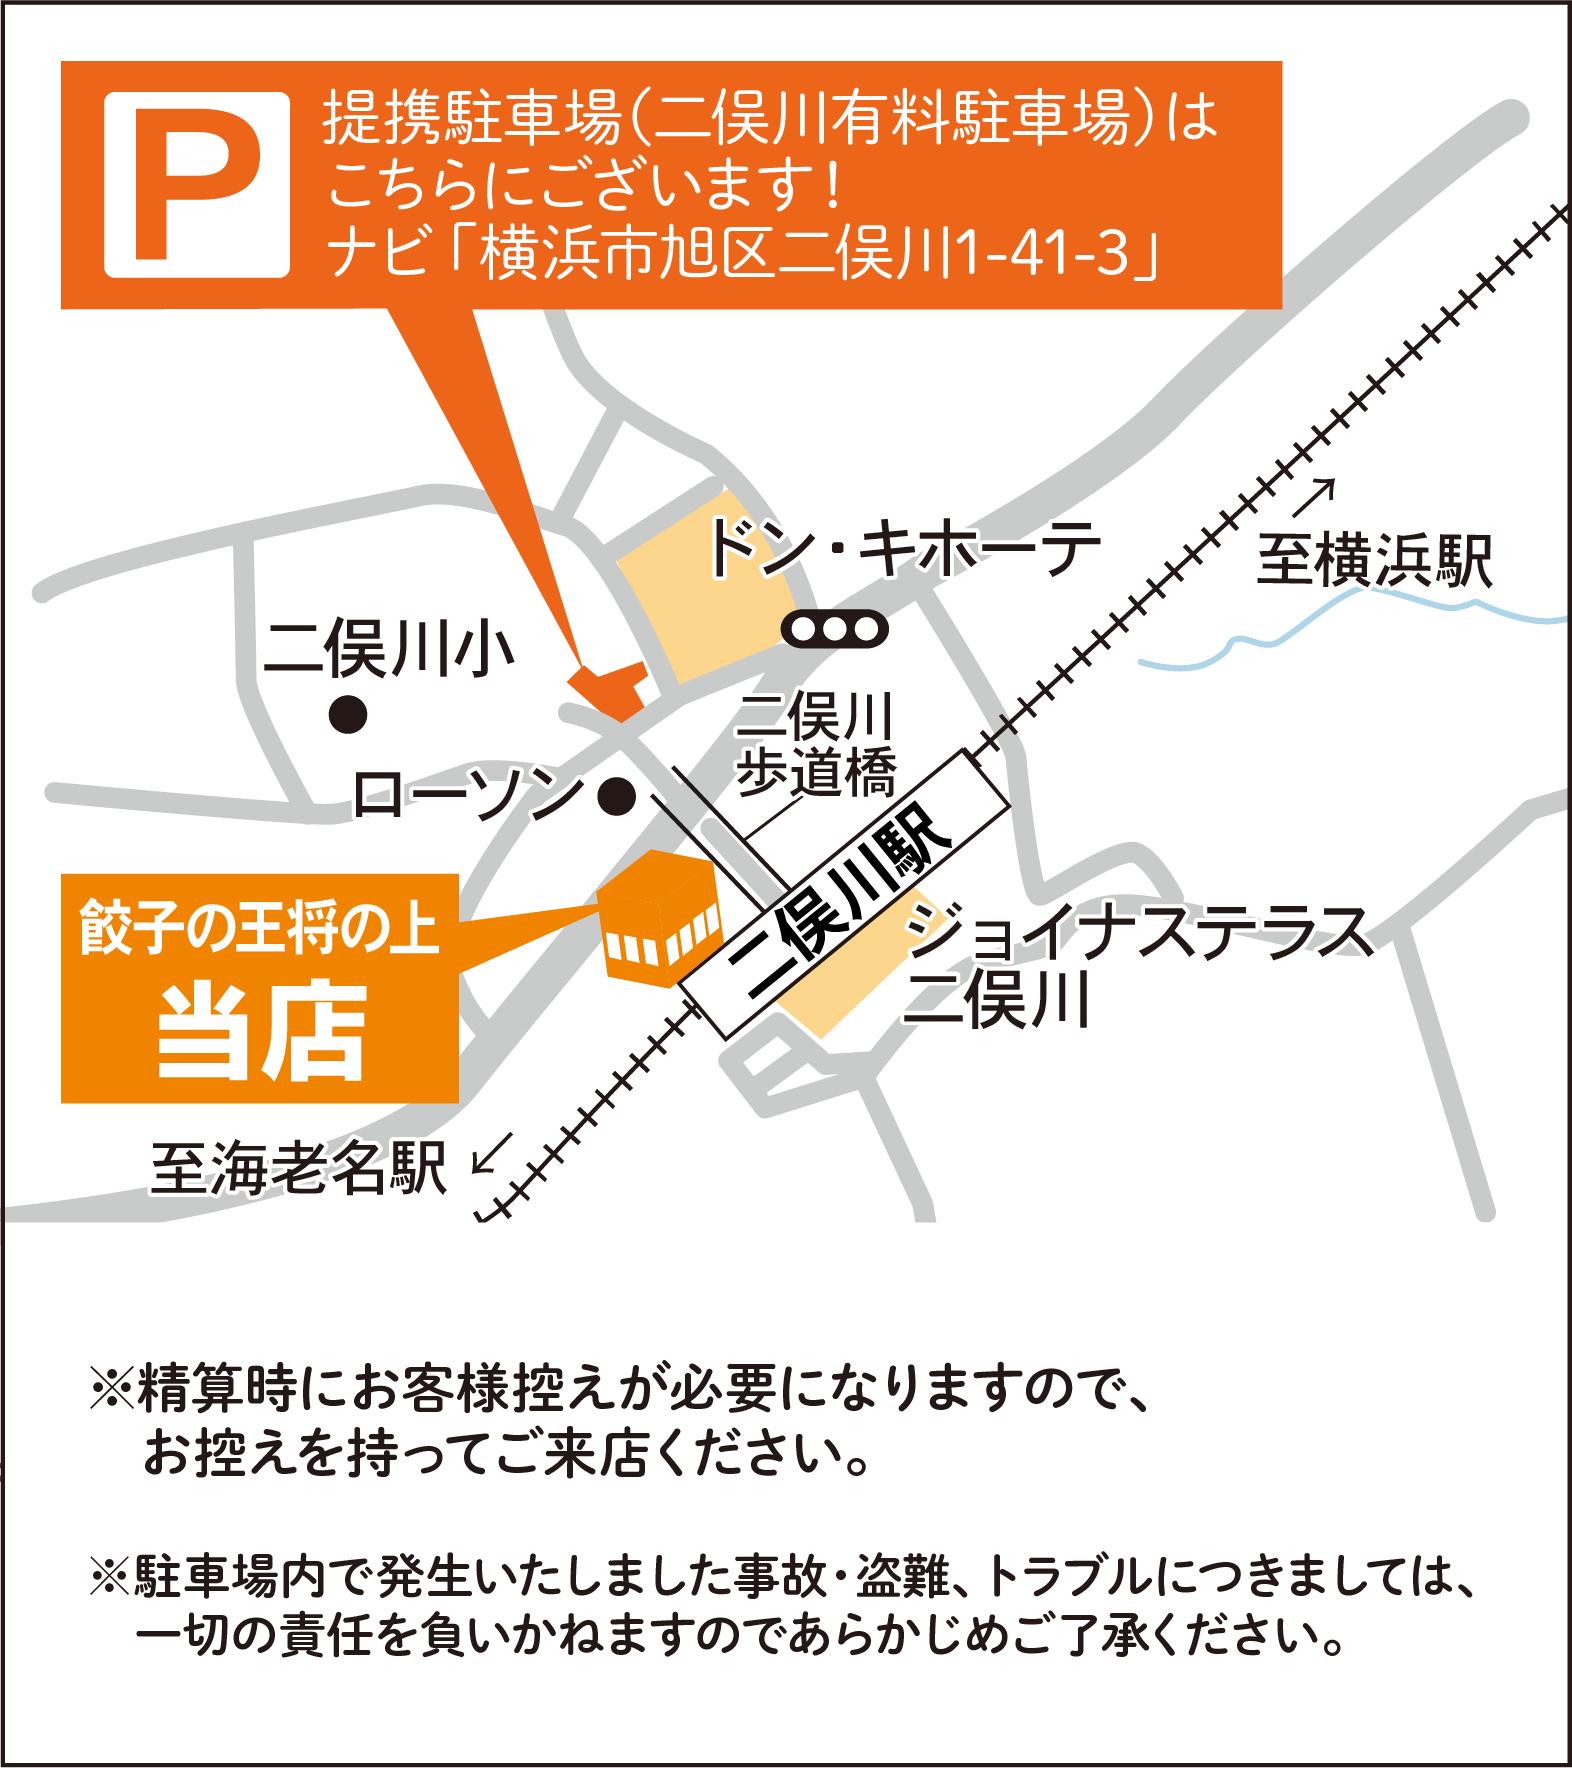 朝日土地建物 二俣川支店 提携駐車場